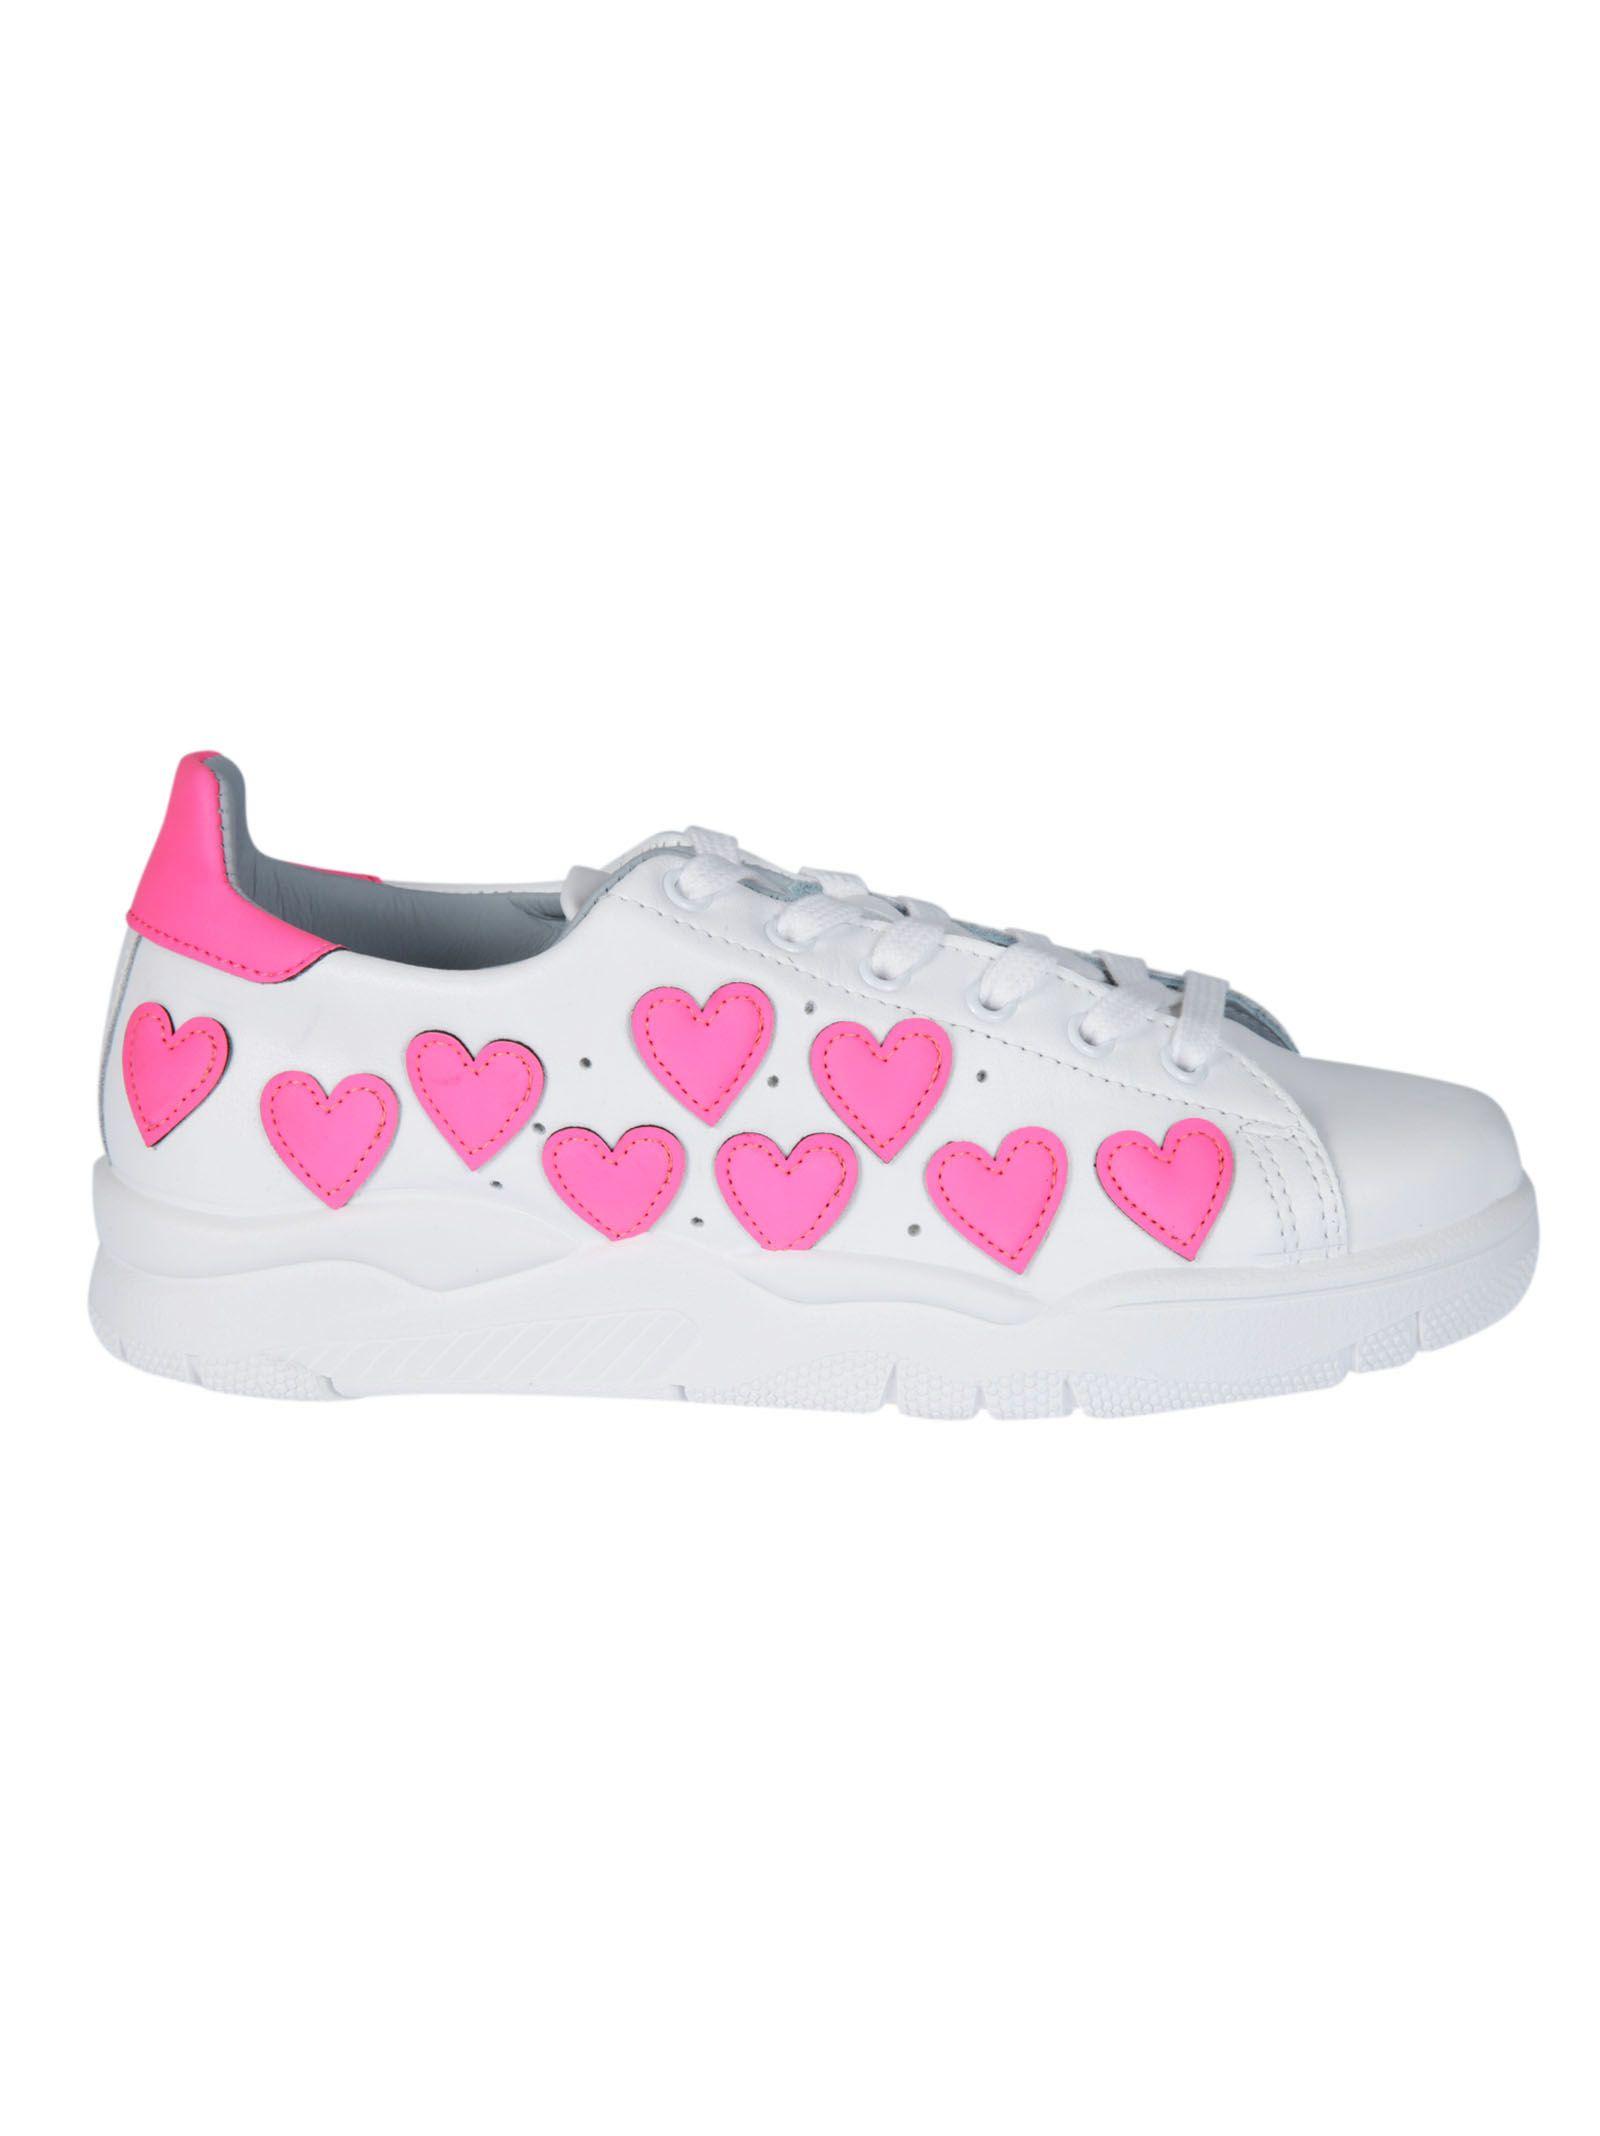 Chiara Ferragni Printed Sneakers